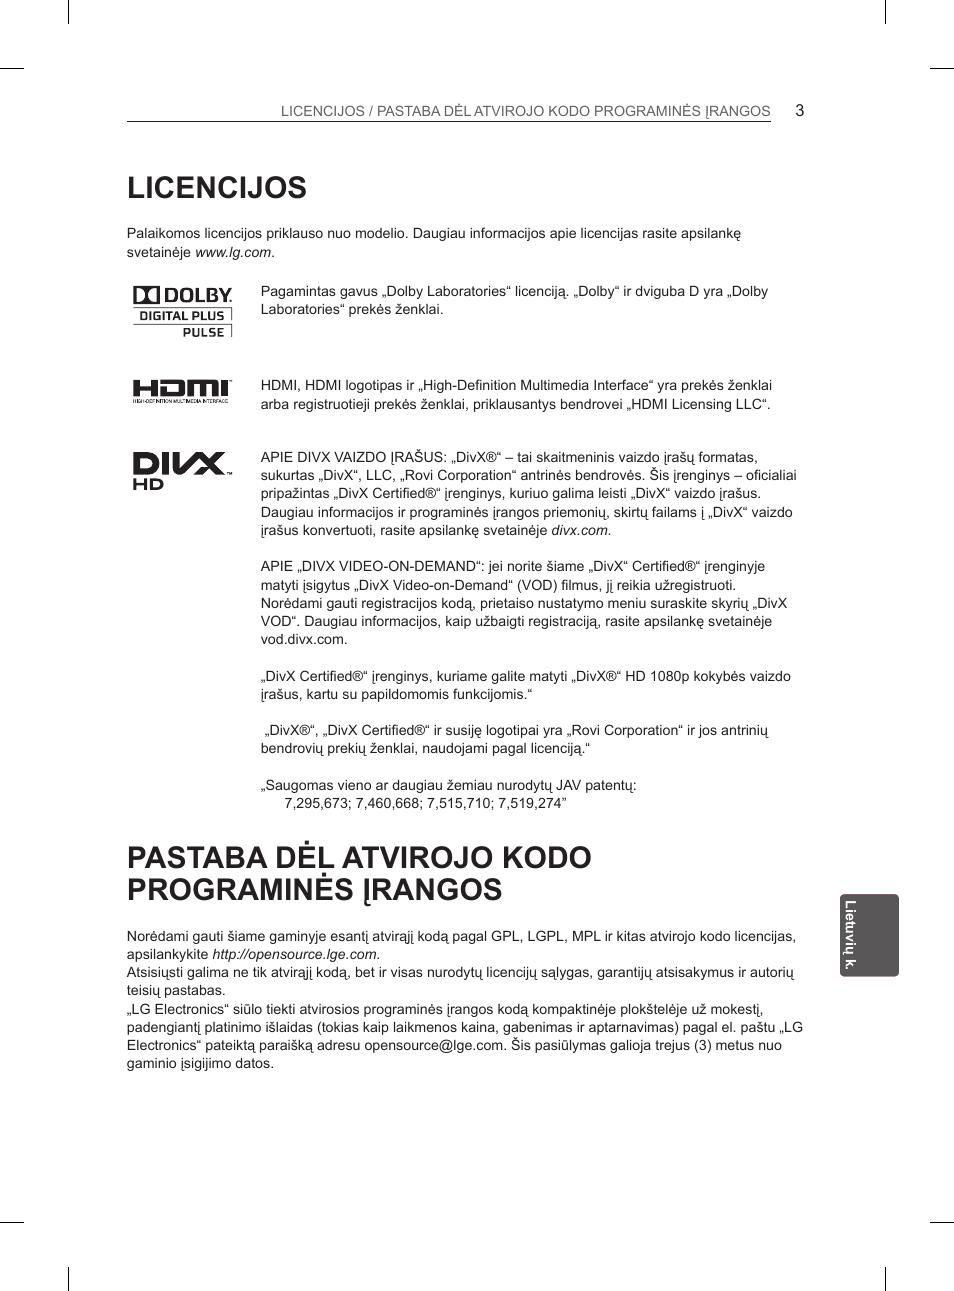 prekybos atvirojo kodo programine įranga programinė įranga)